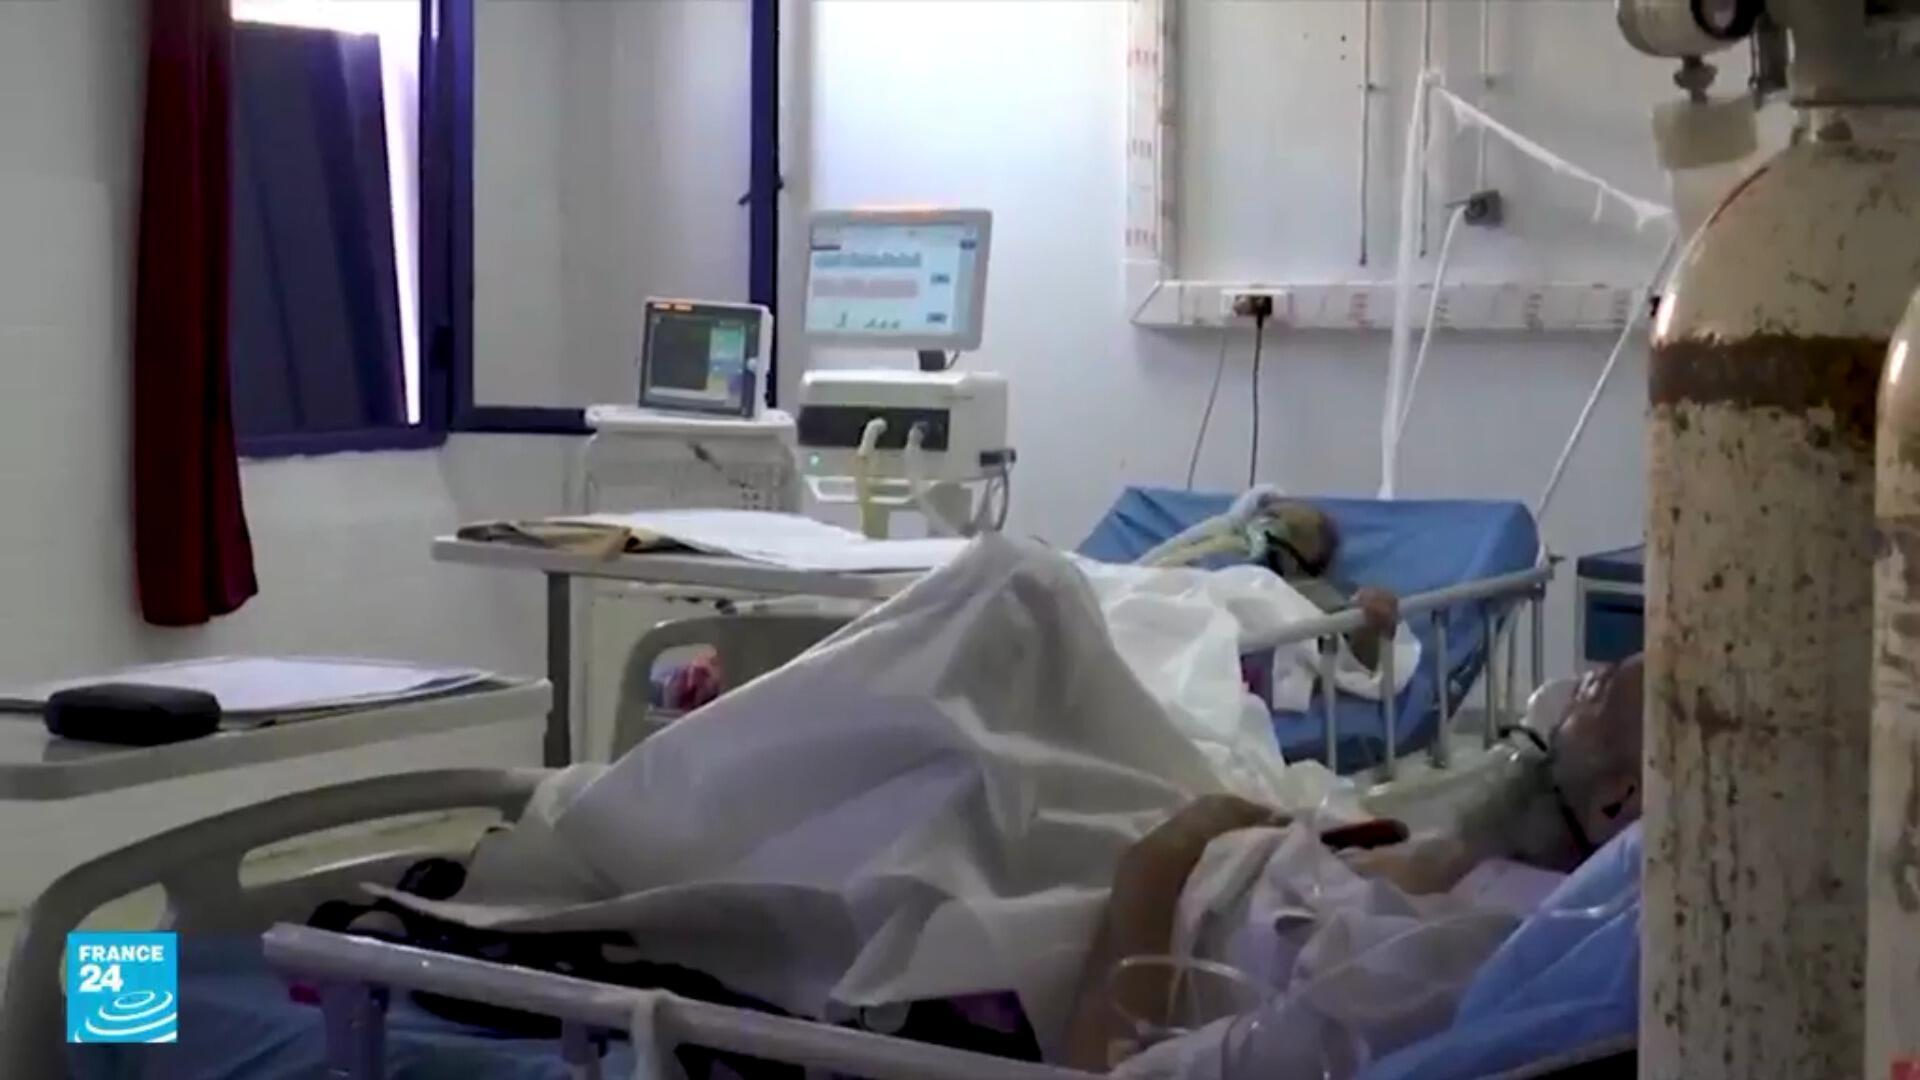 صعوبات في الحصول على الأكسيجين في الجزائر وسط ارتفاع الإصابات بفيروس كورونا